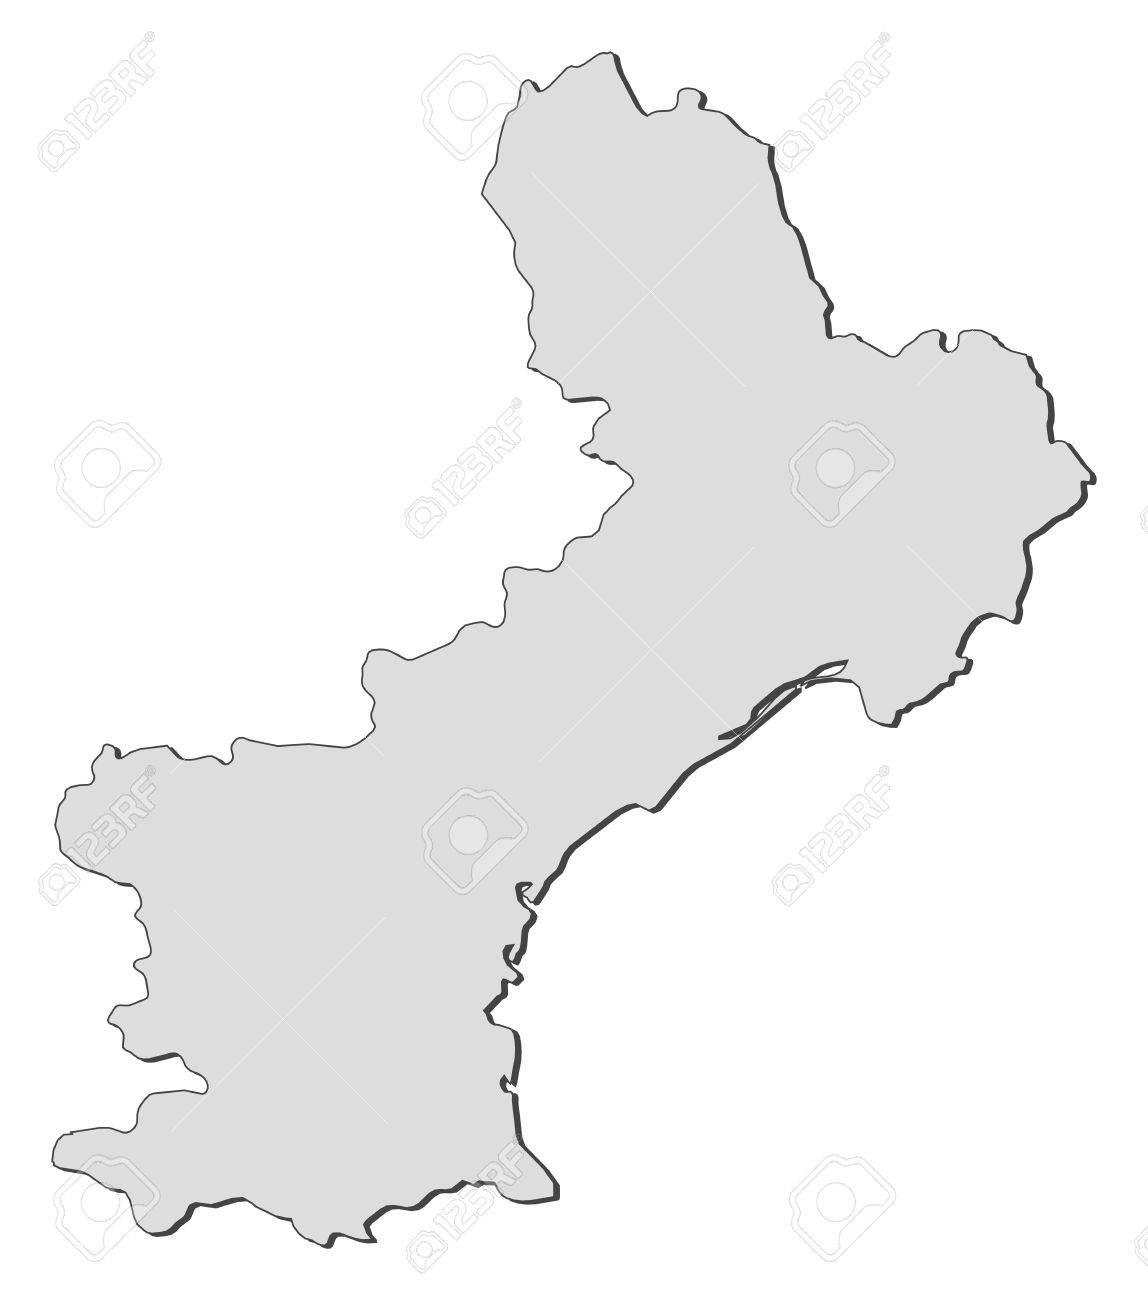 Carte Du Languedoc Roussillon Une Region De France Clip Art Libres De Droits Vecteurs Et Illustration Image 14396201